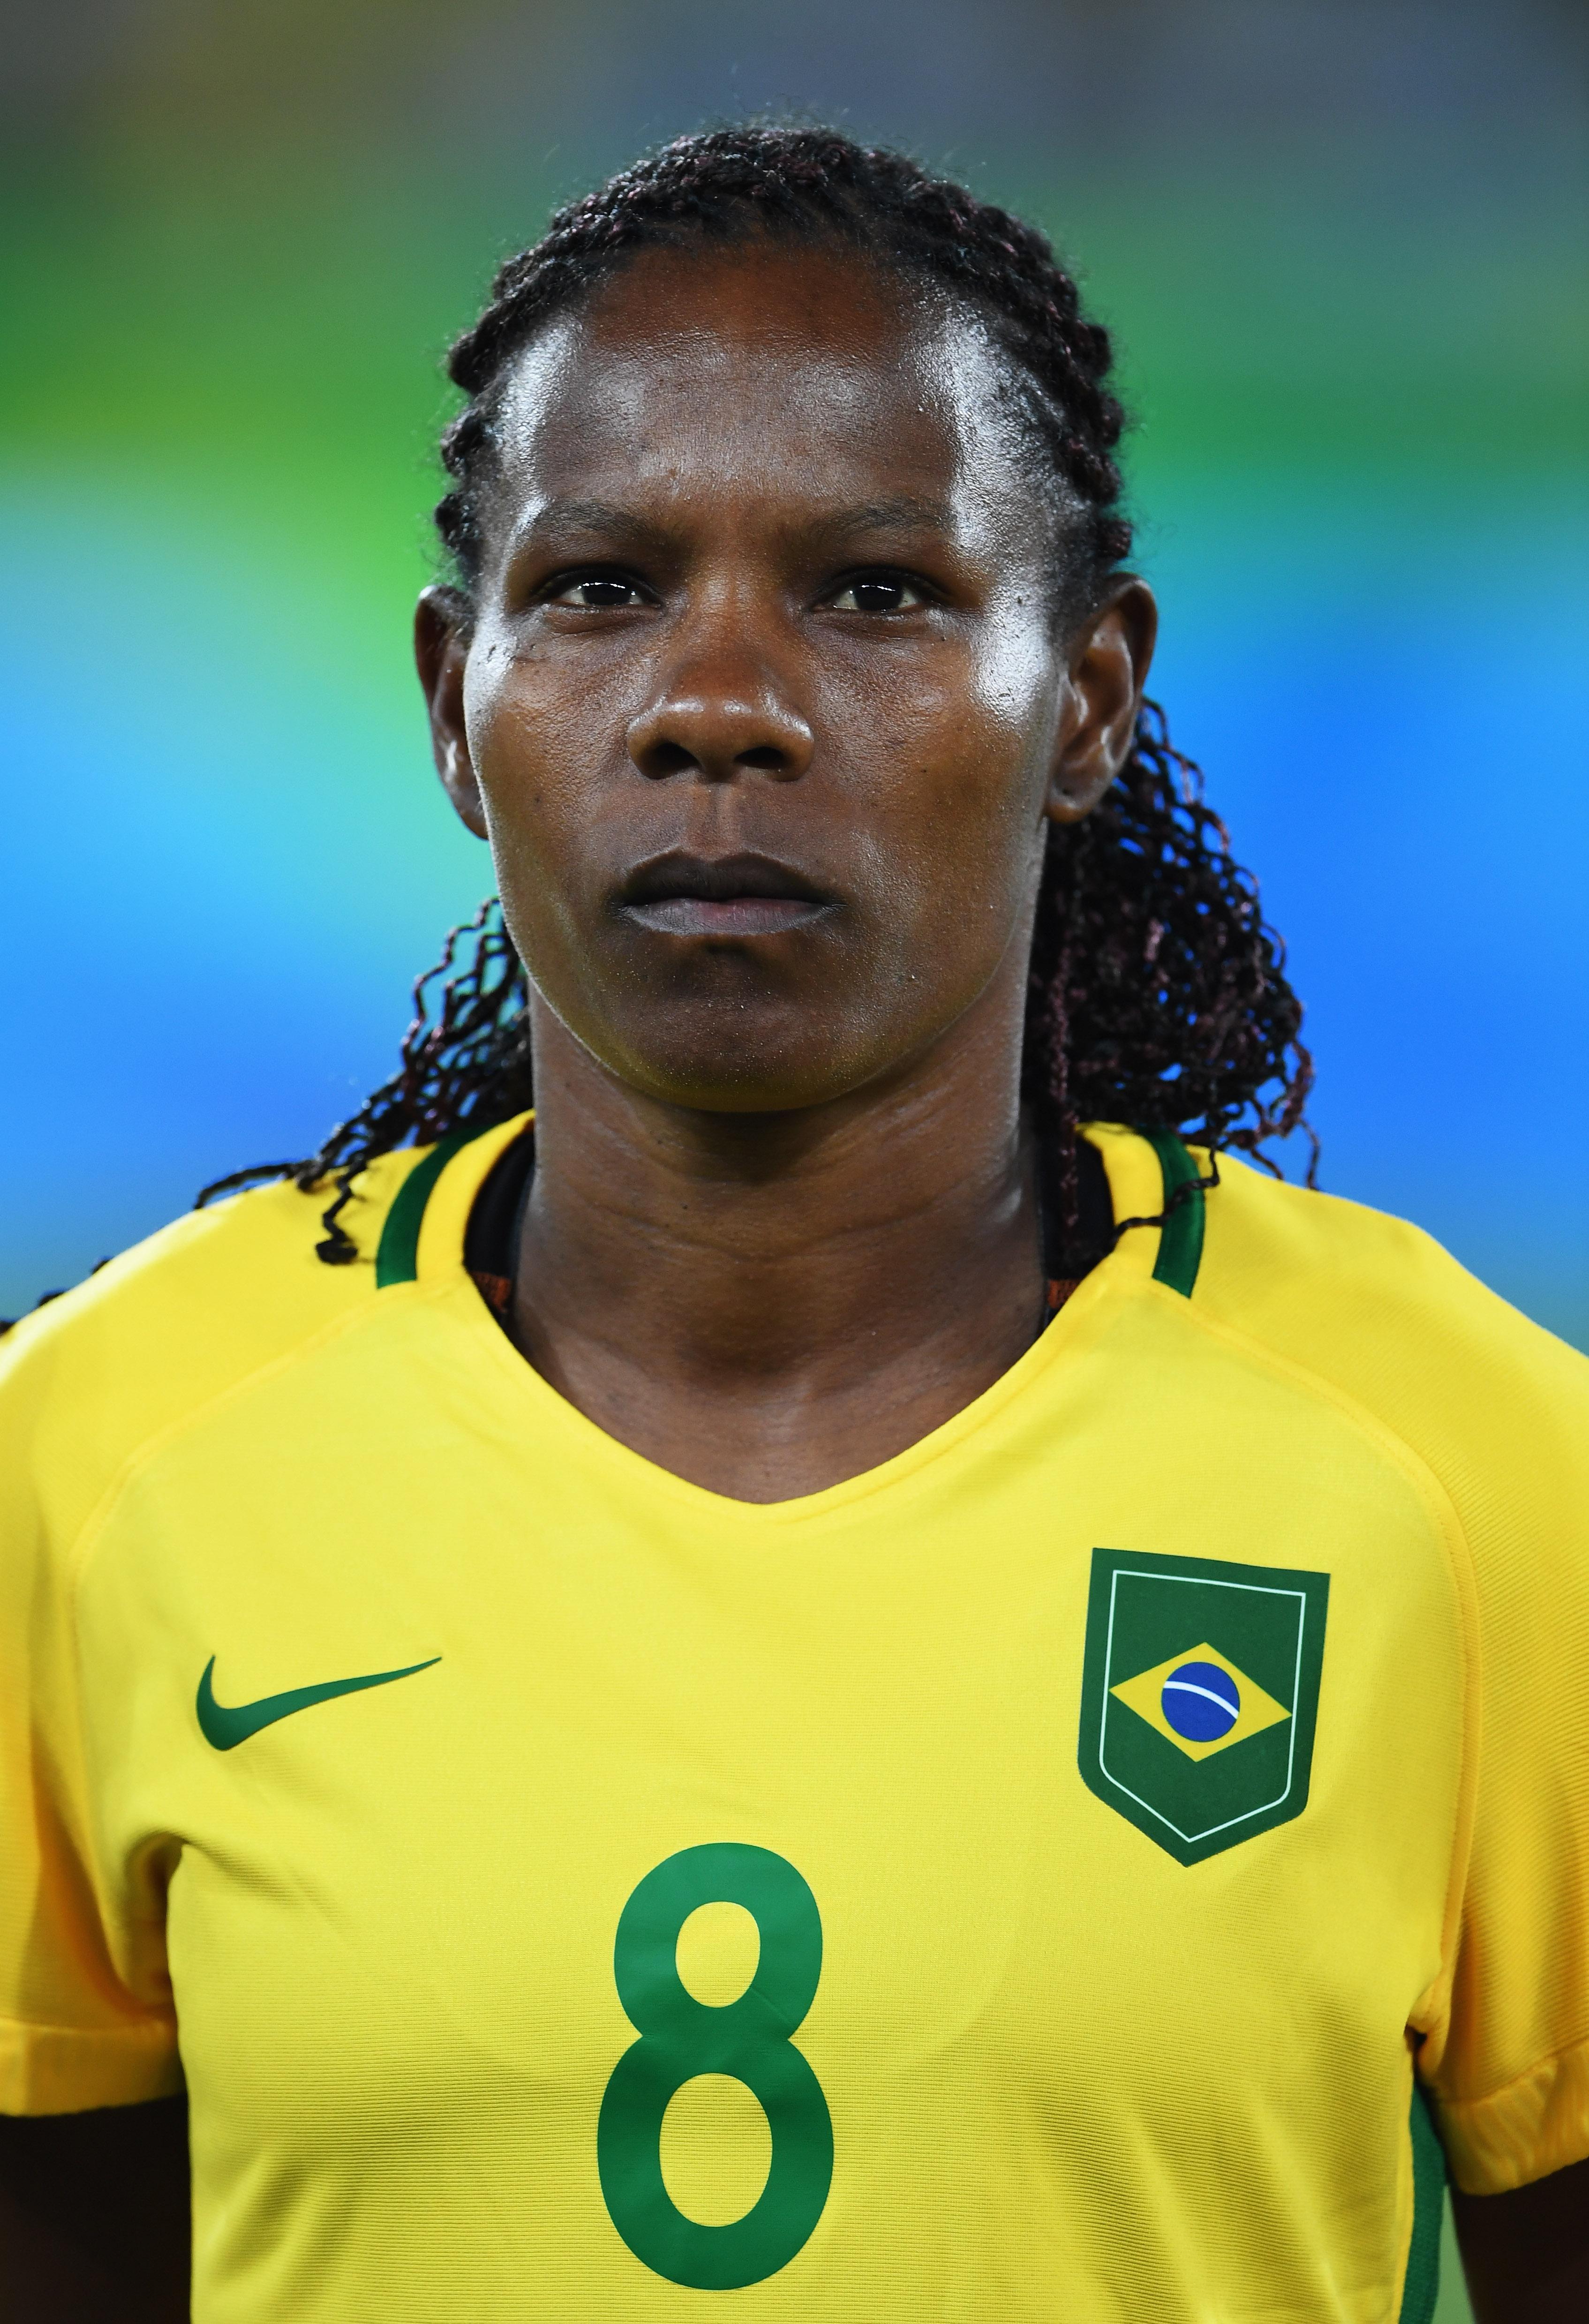 A jogadora Formiga, recordista em participações de Copas e a mais velha a disputar partidas em campo.